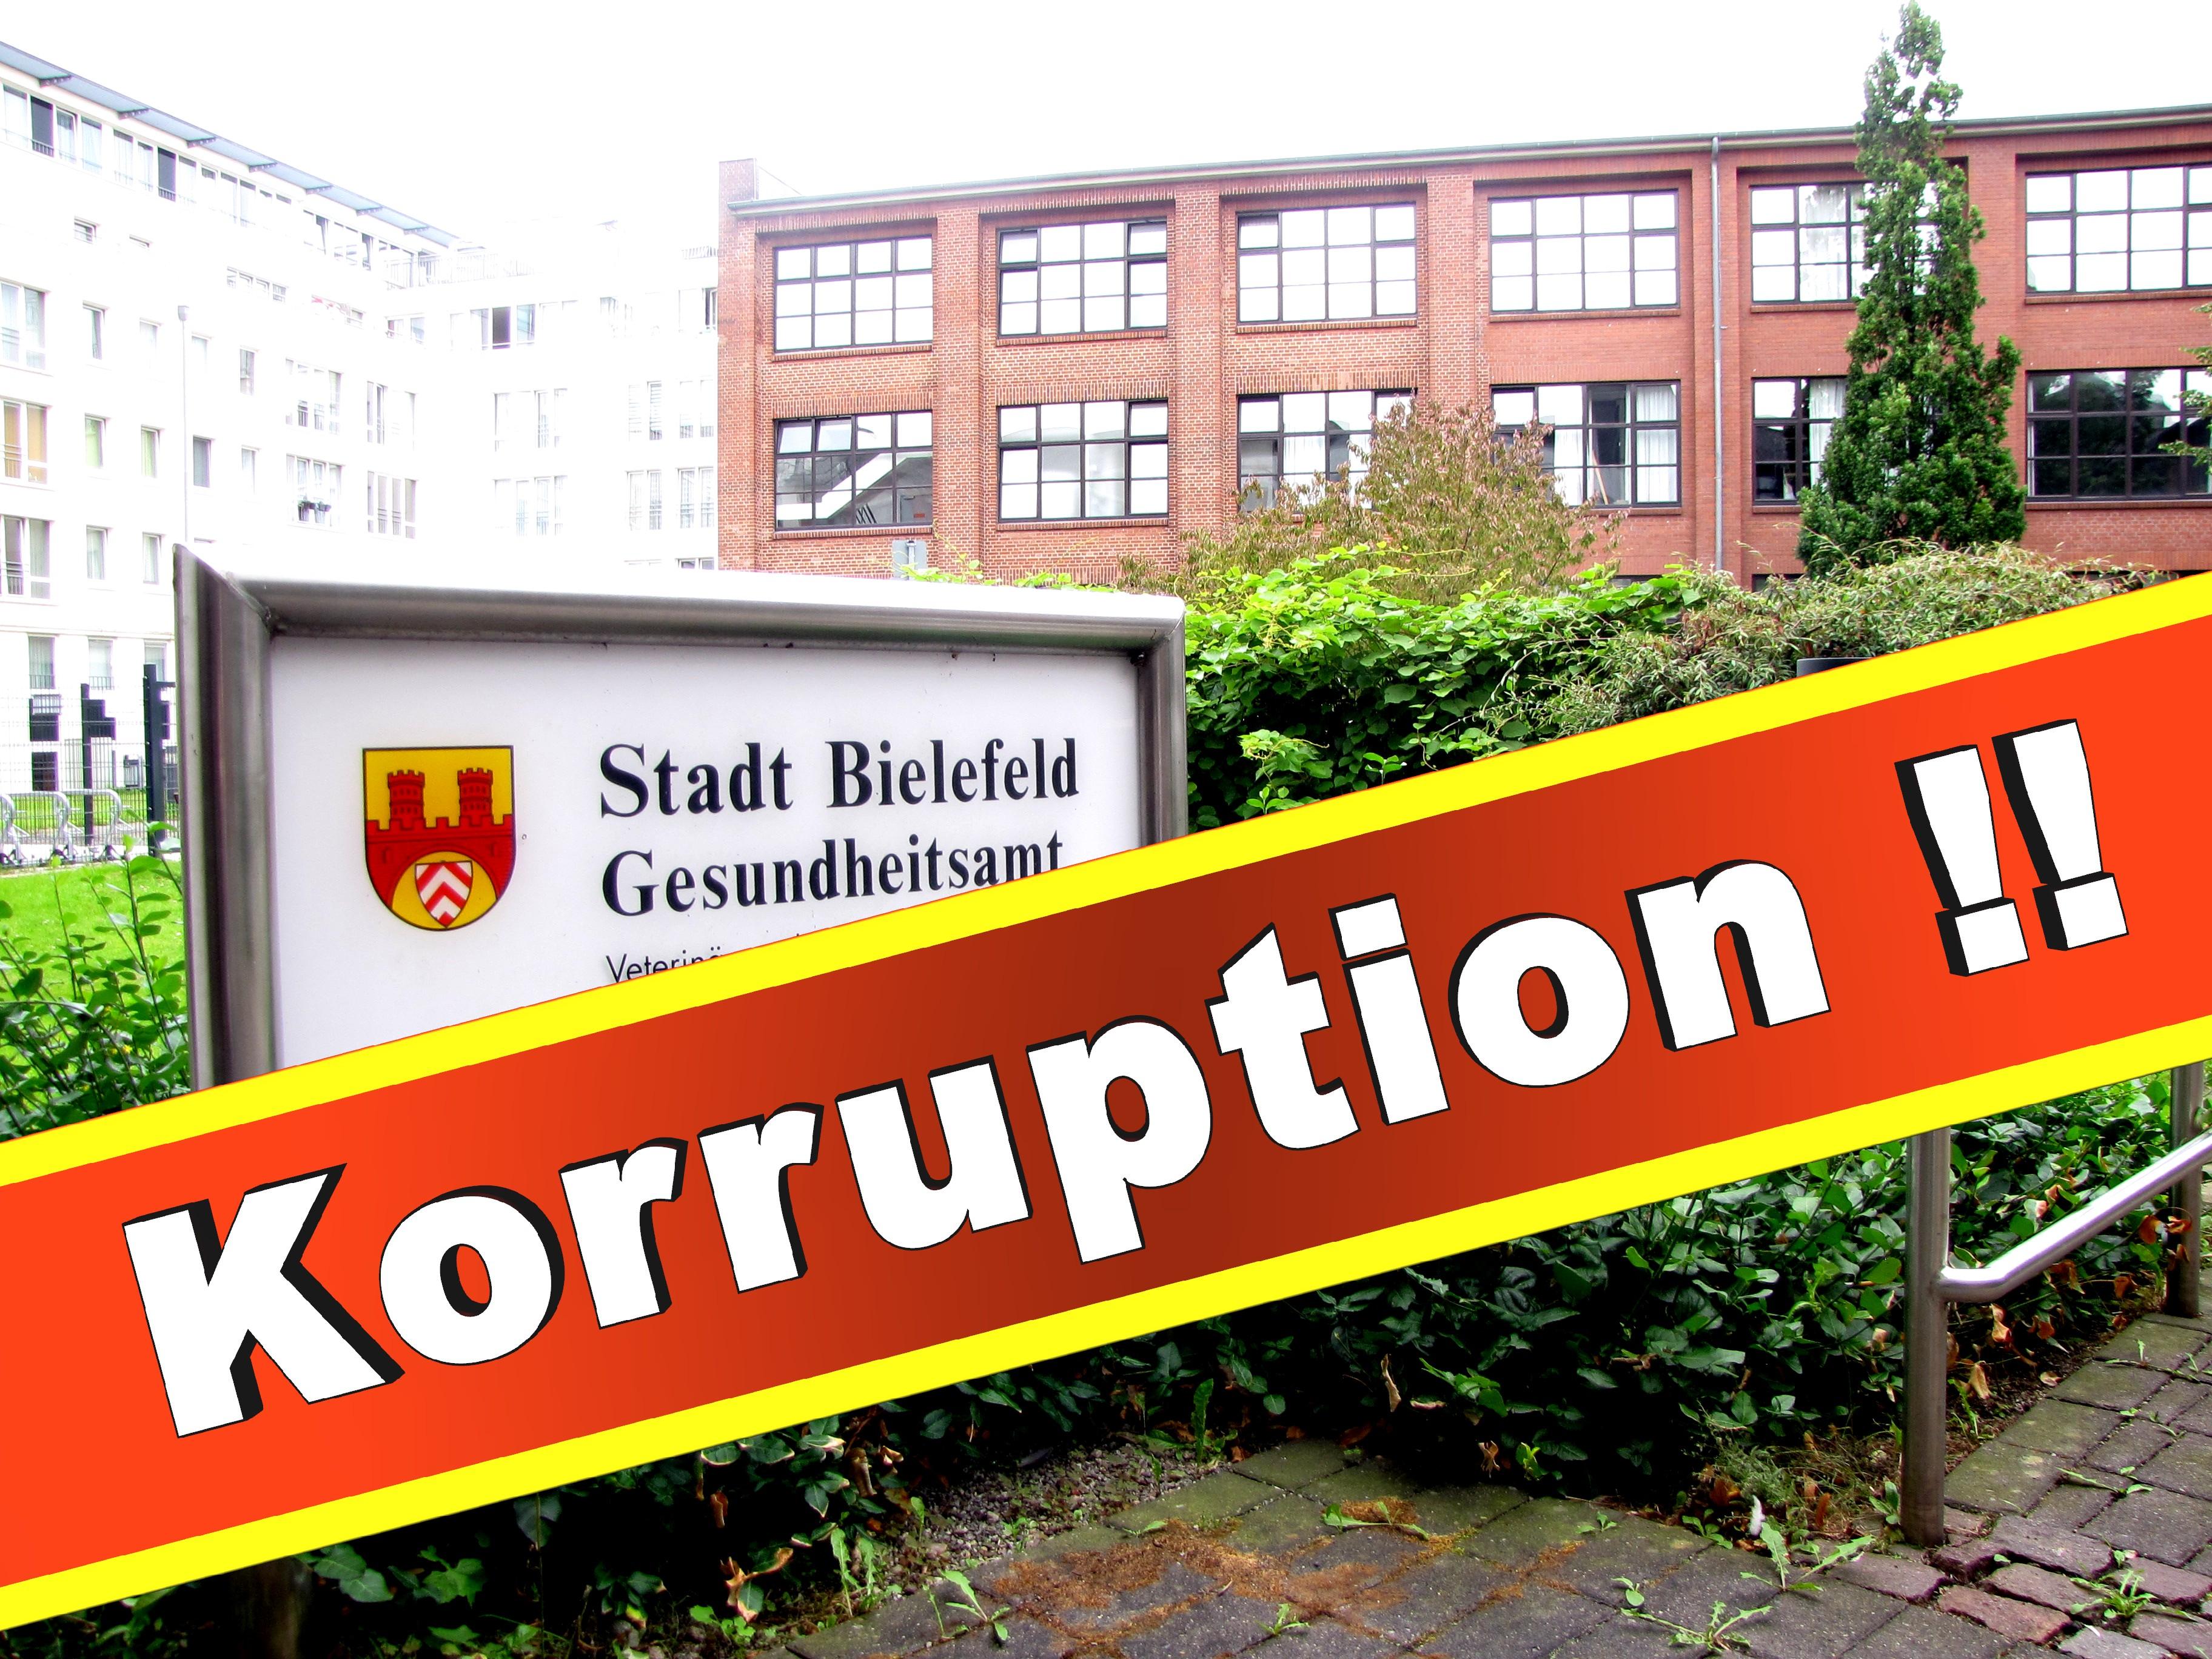 Gesundheitsamt Bielefeld Amtsarzt Adresse Gesundheitsbelehrung Telefon Schuleingangsuntersuchung Bielefeld Parken Gesundheitszeugnis (16)